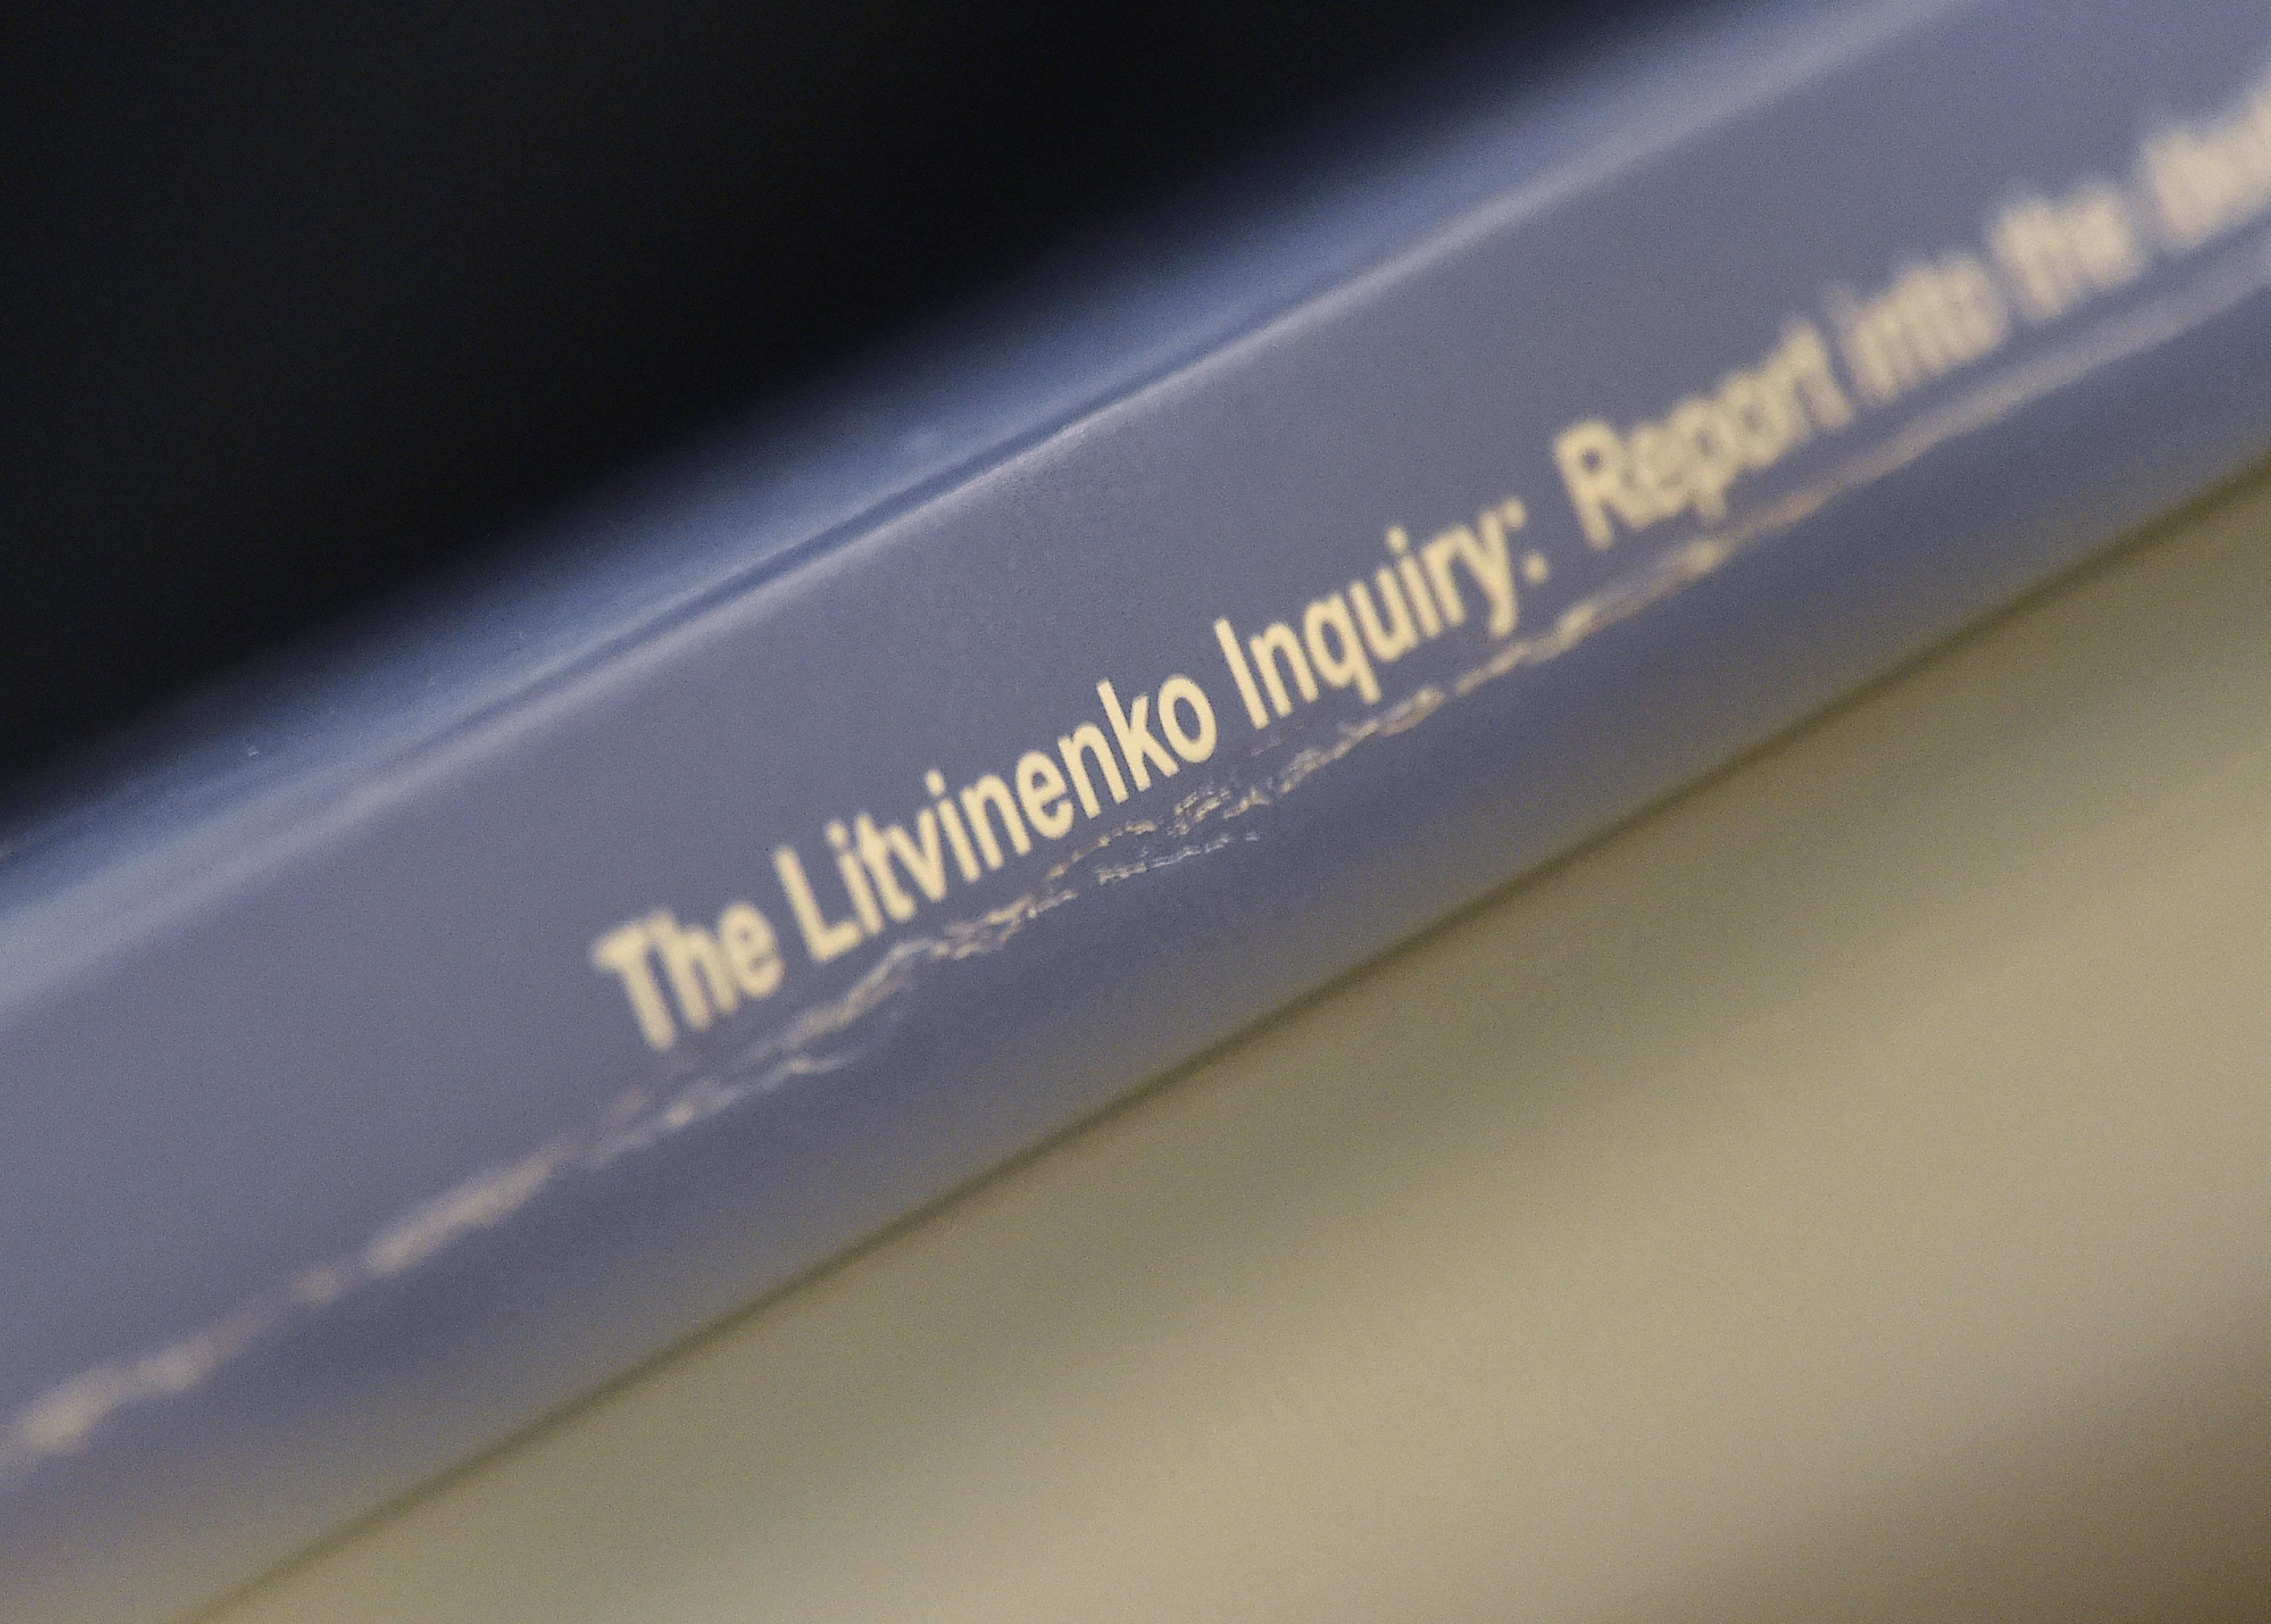 Salinan Laporan Penyelidikan Litvinenko terlihat selama konferensi pers di London, Inggris, 21 Januari 2016. REUTERS/Toby Melville/Files